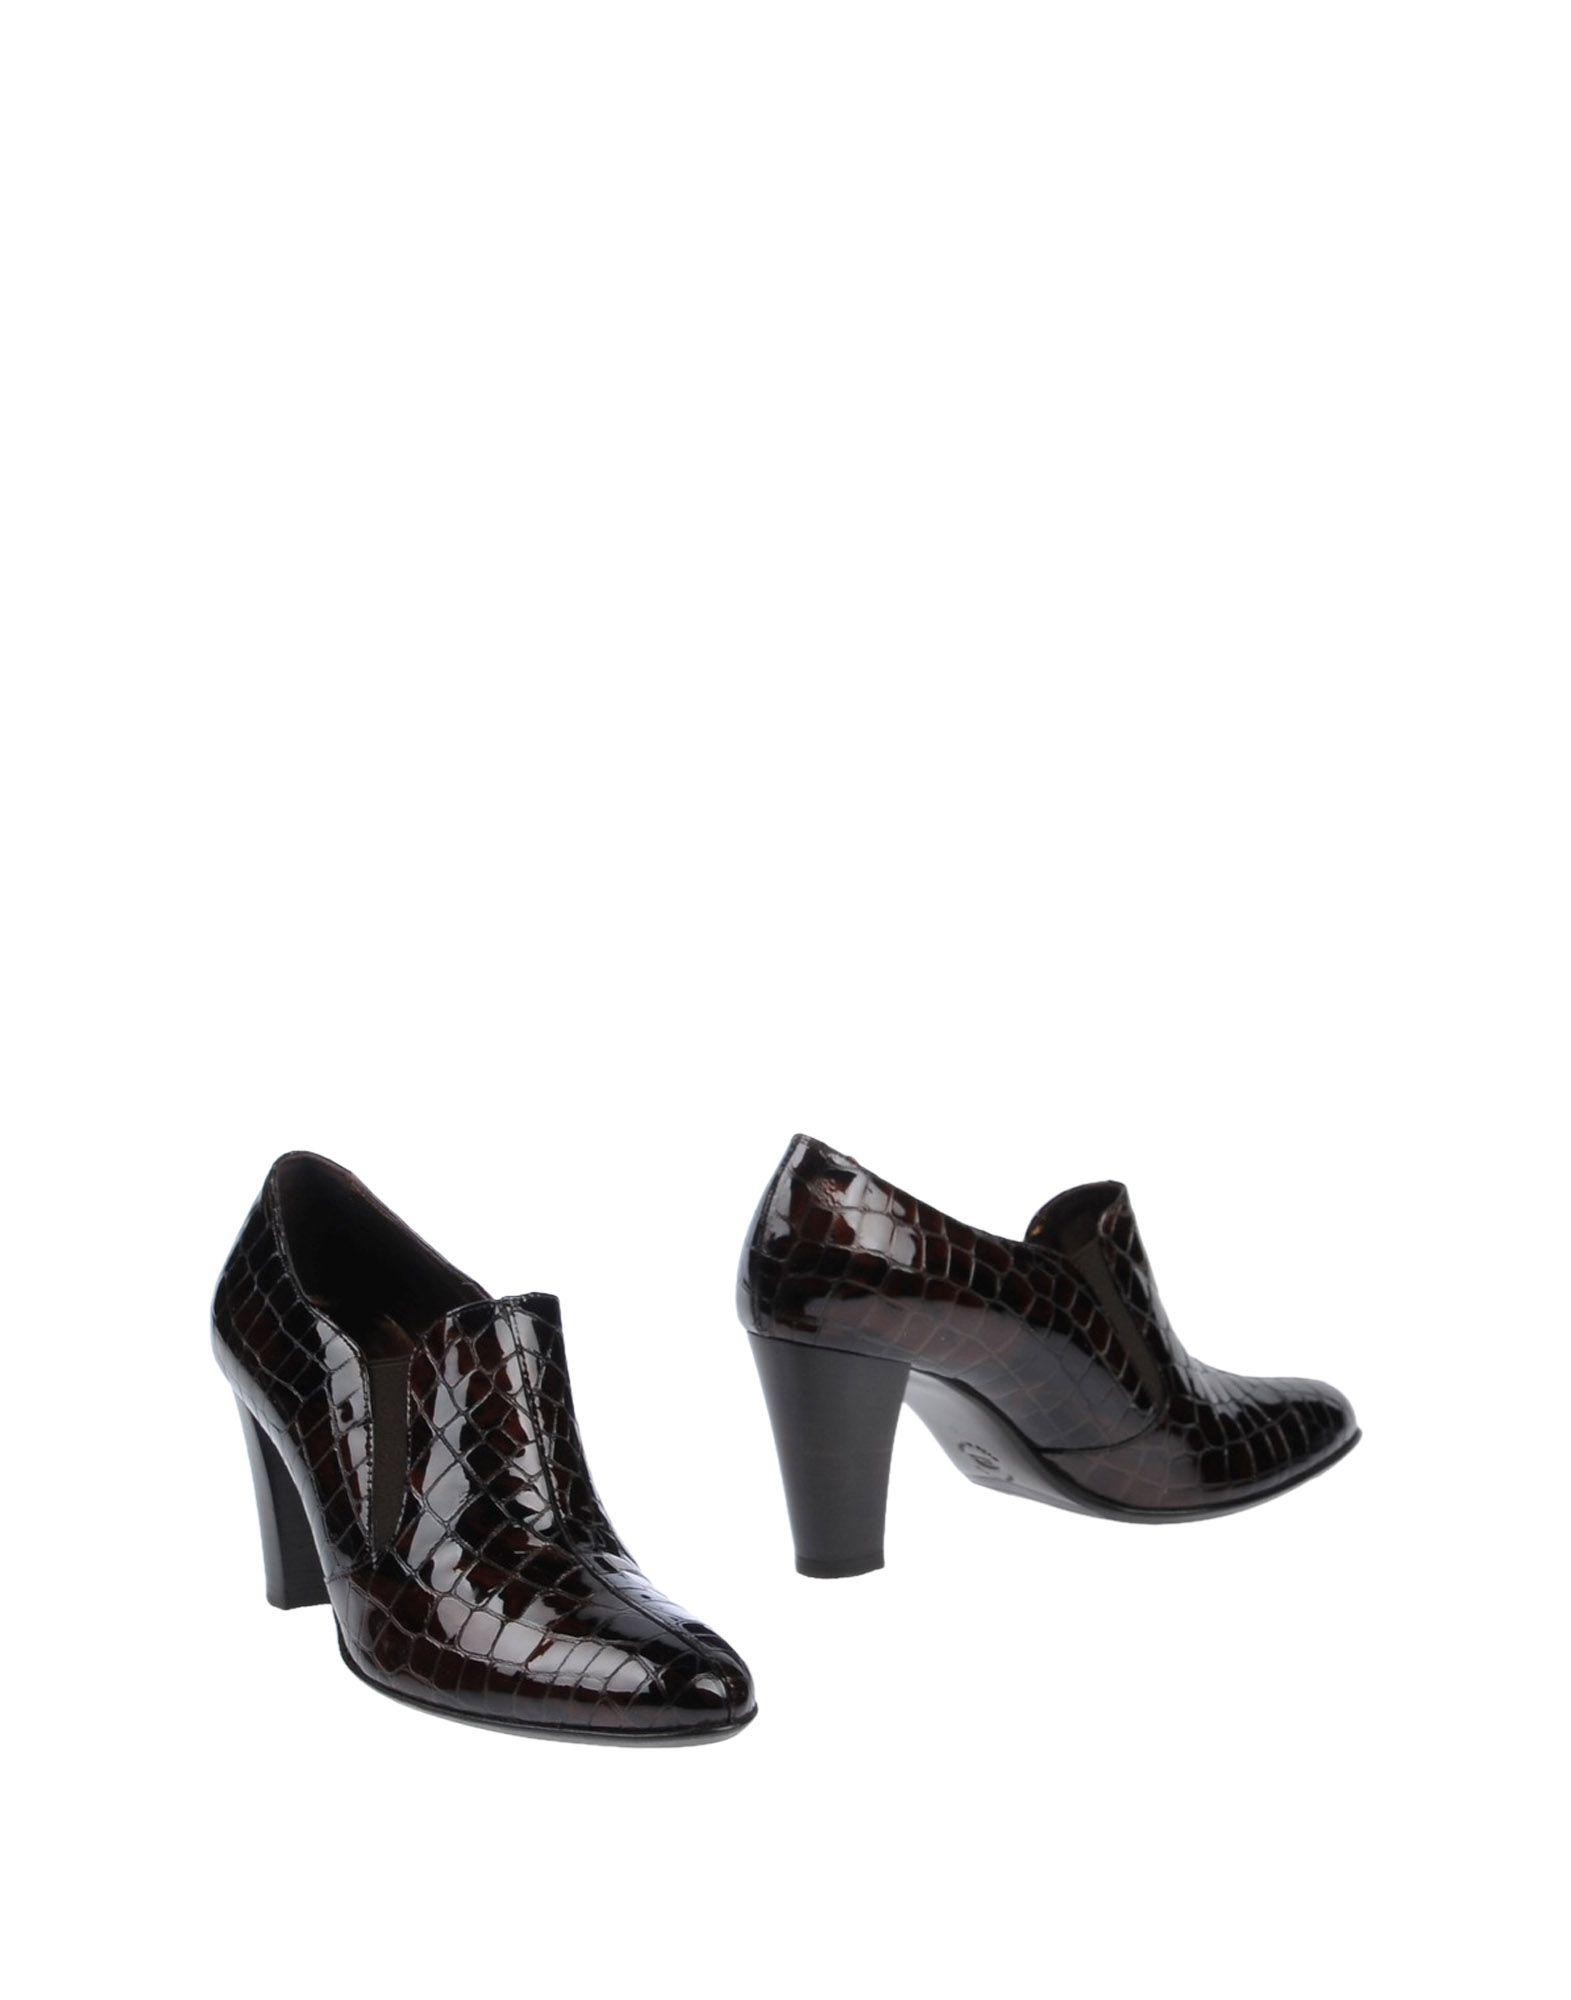 Elata Stiefelette Damen  11506235MM Gute Qualität beliebte Schuhe